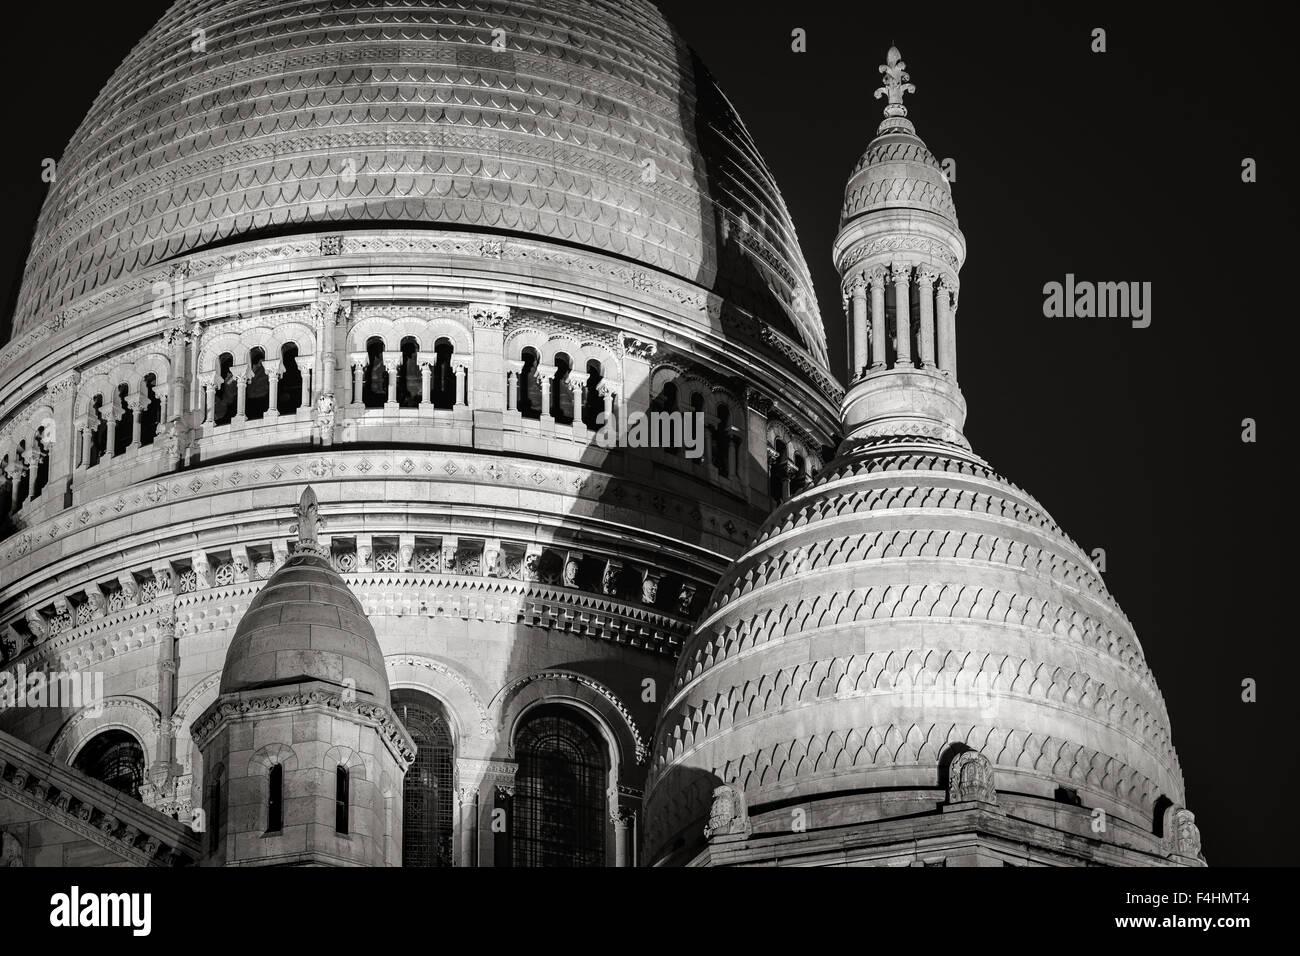 Détail des dômes de la Basilique du Sacré-Cœur (Basilique du Sacré Coeur) la nuit, Montmartre, Photo Stock